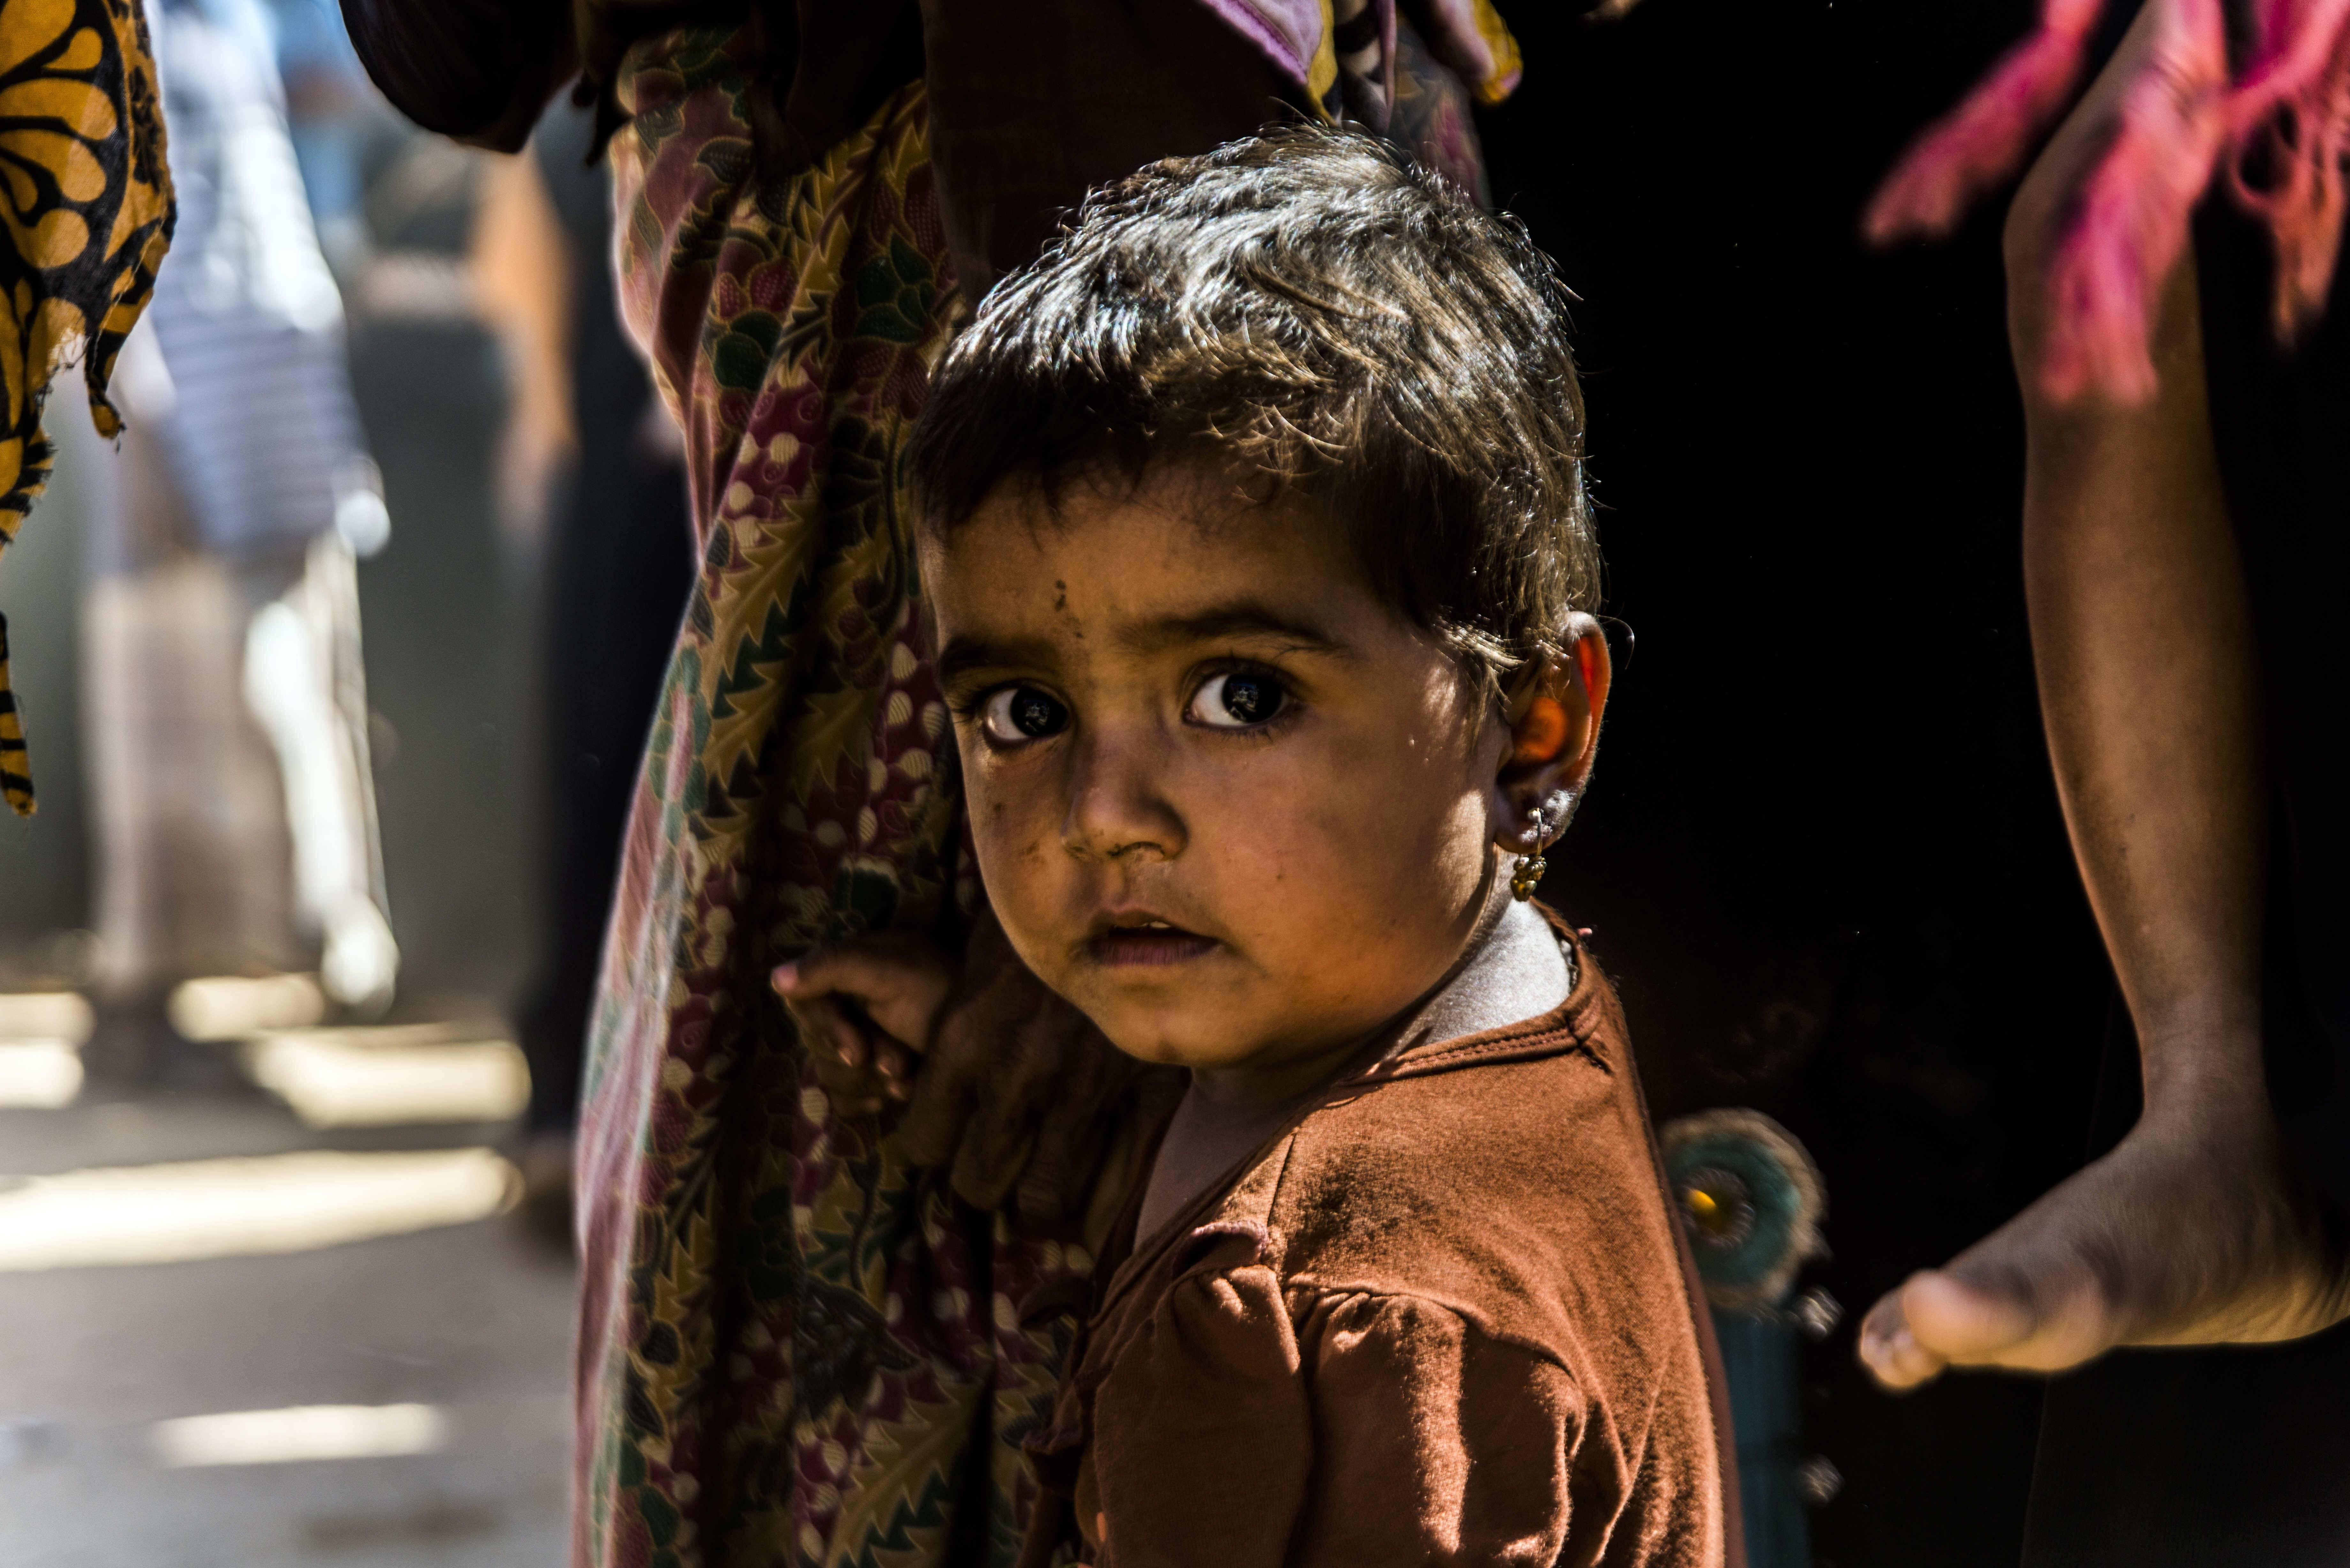 Hunderte kleine Kinder wurden seit dem Ausbruch der Gewalt in Myanmar getötet